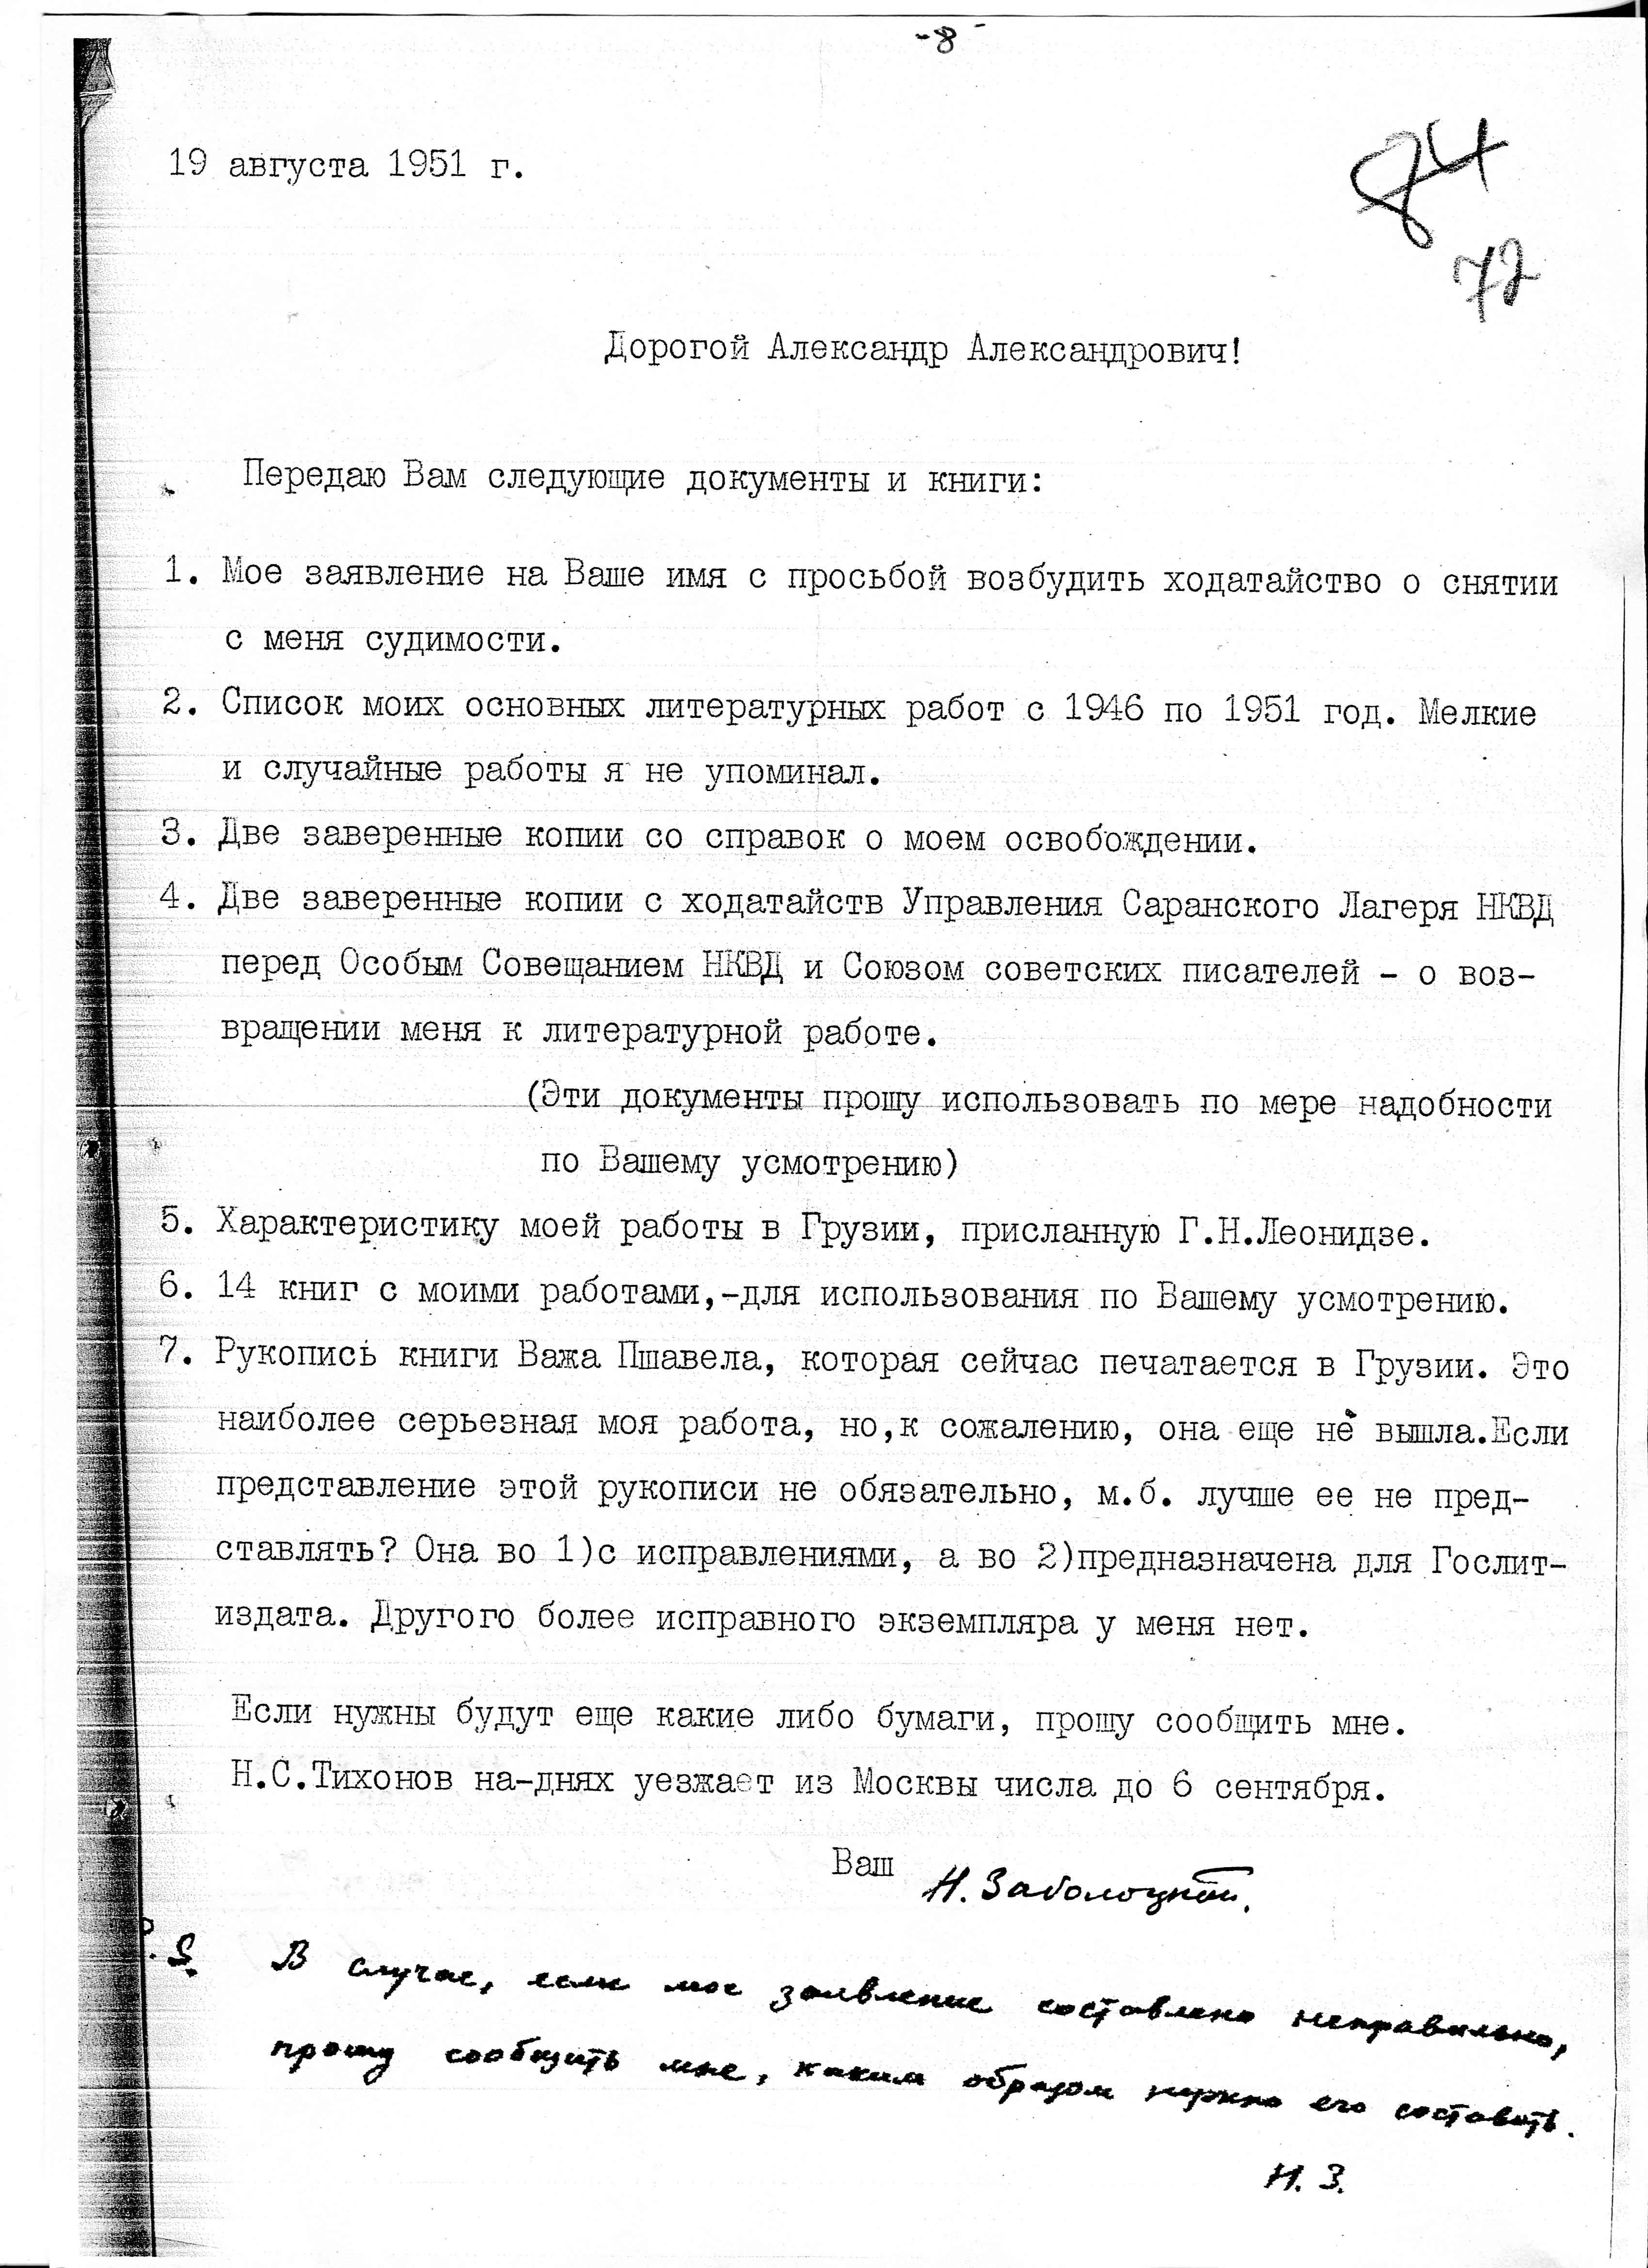 15 Zabolotskiy doc001